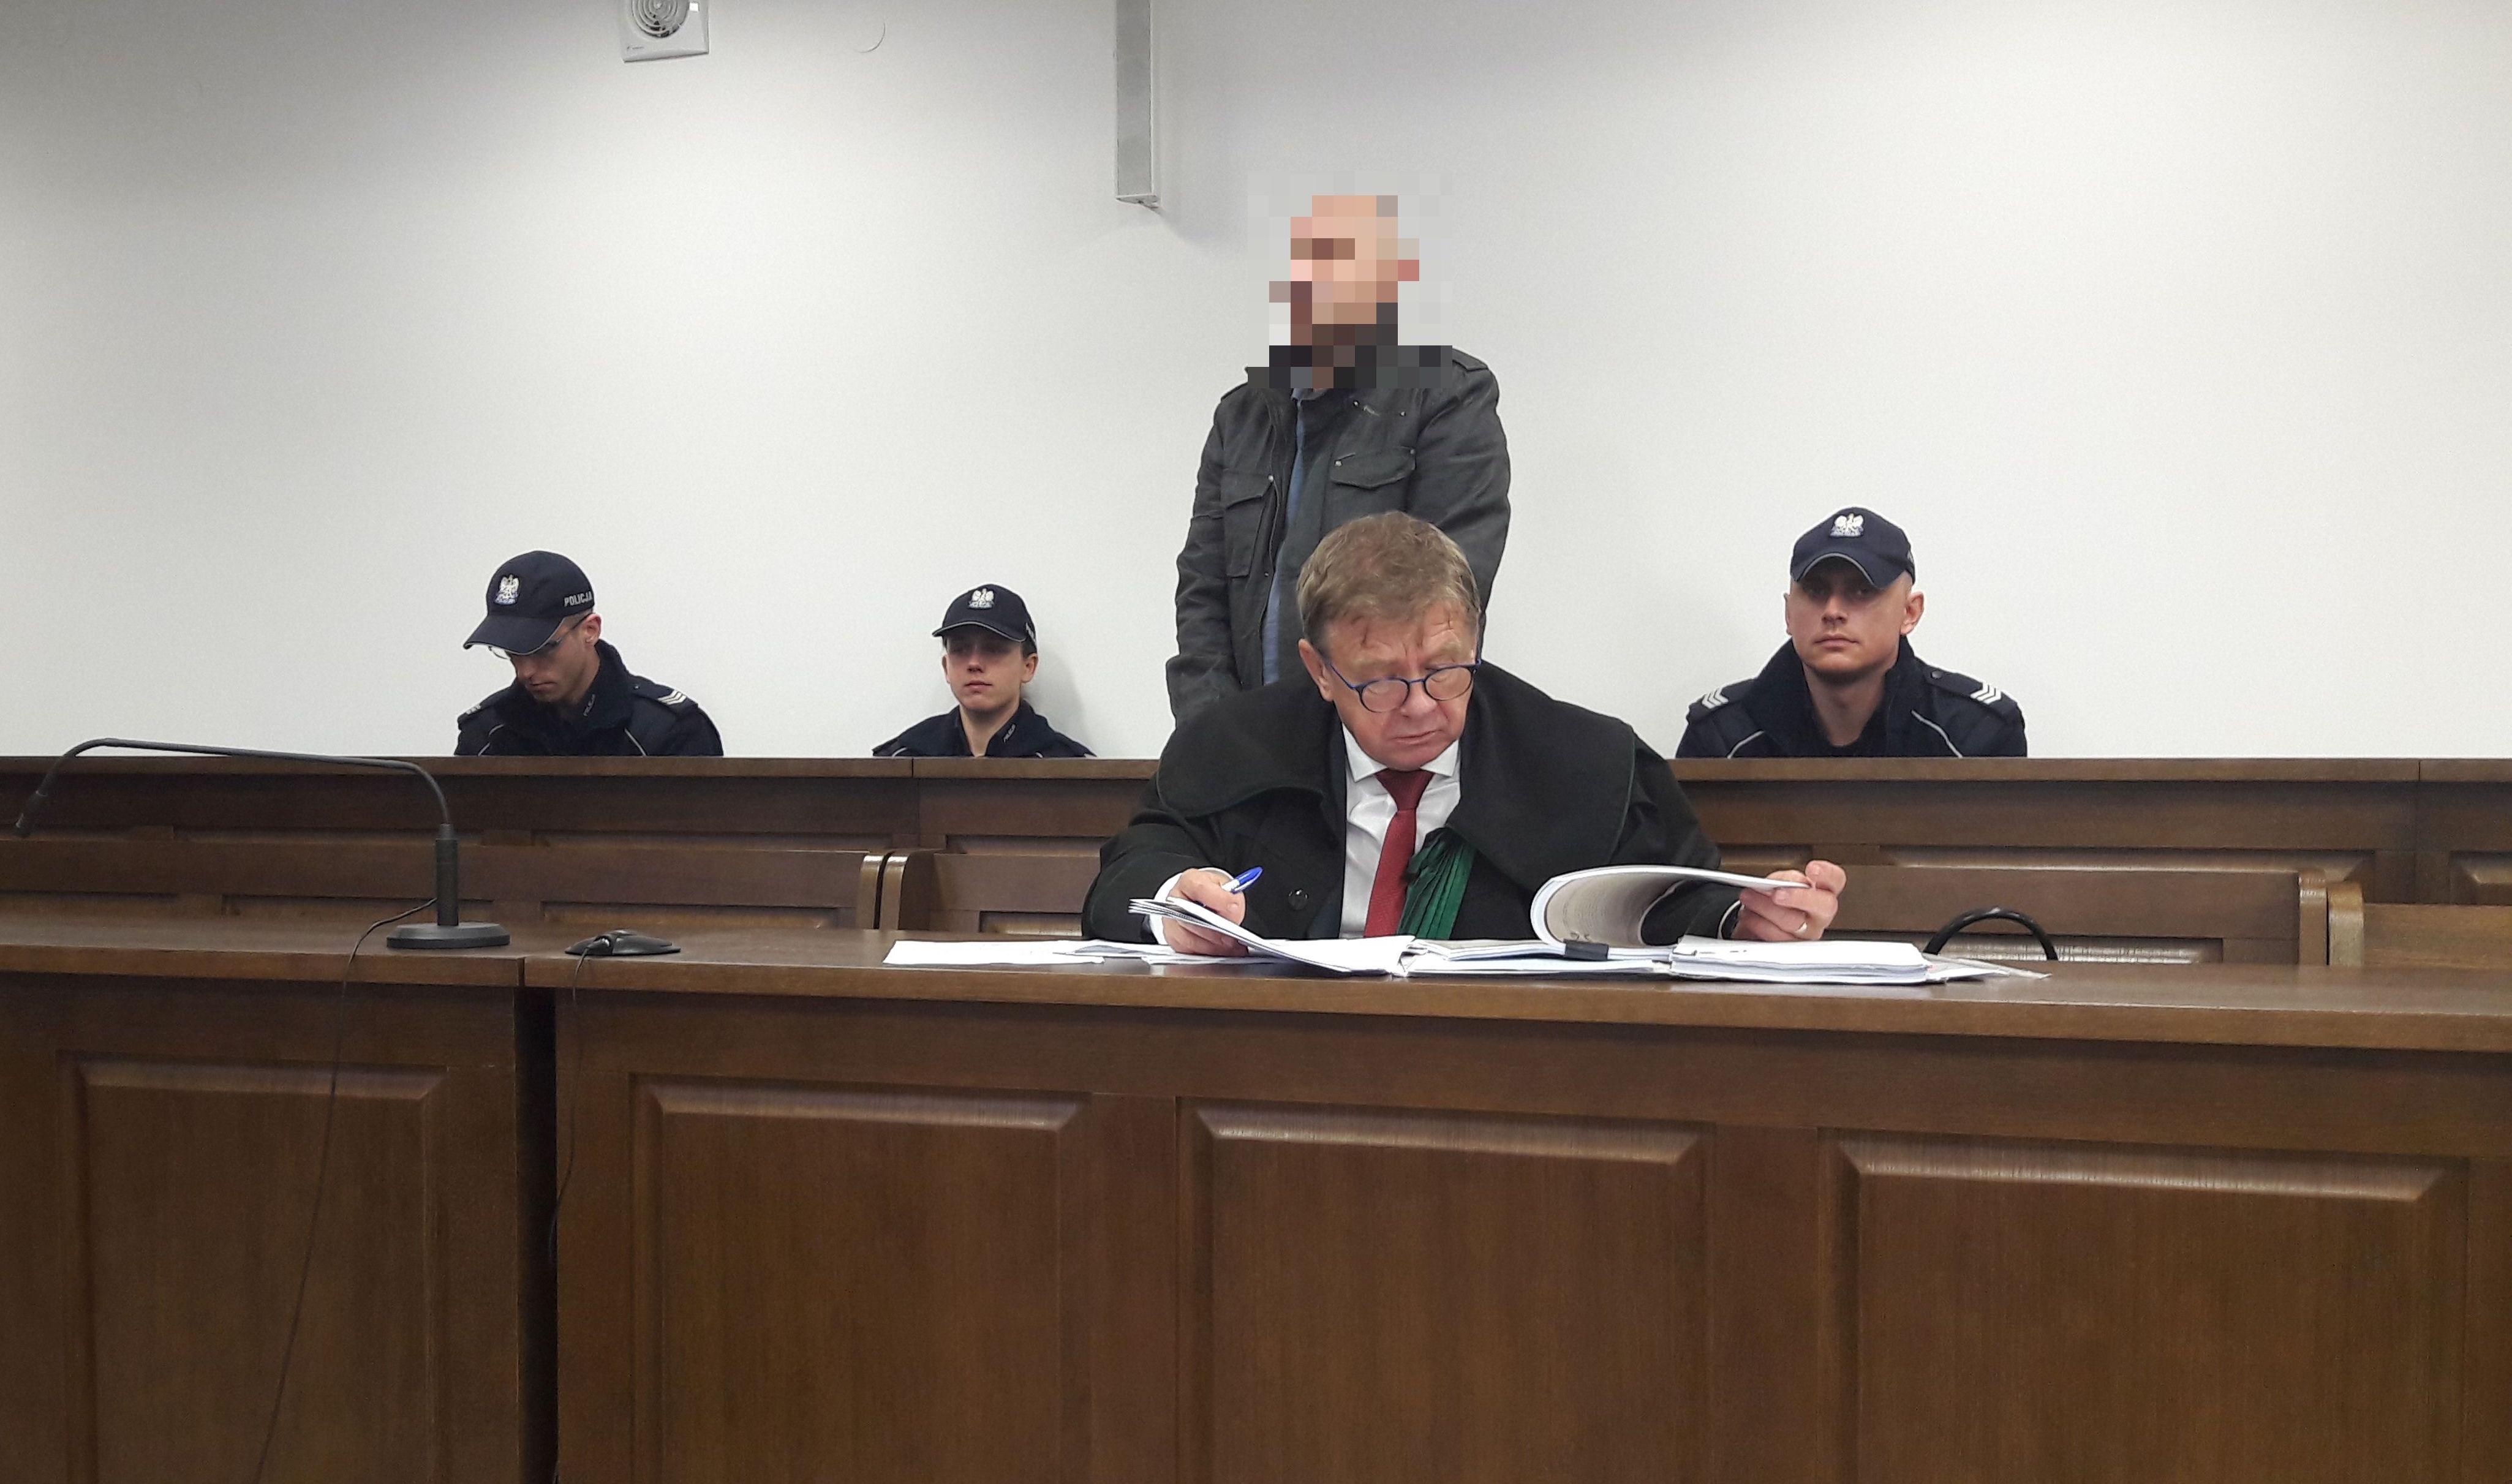 pobicie żony proces koło konin - Aleksandra Braciszewska-Benkahla